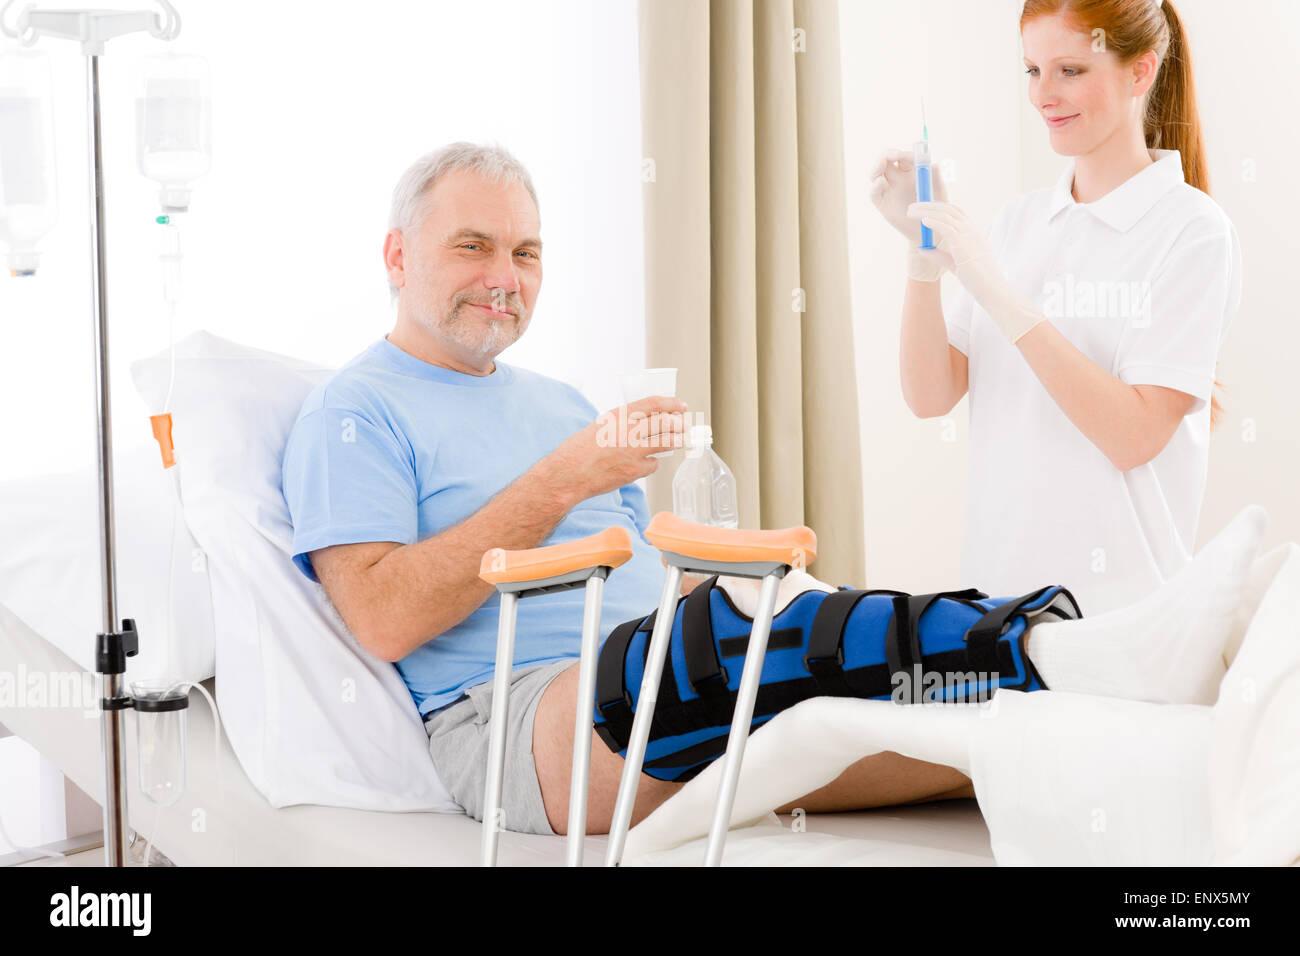 Снял медсестру в больнице 10 фотография